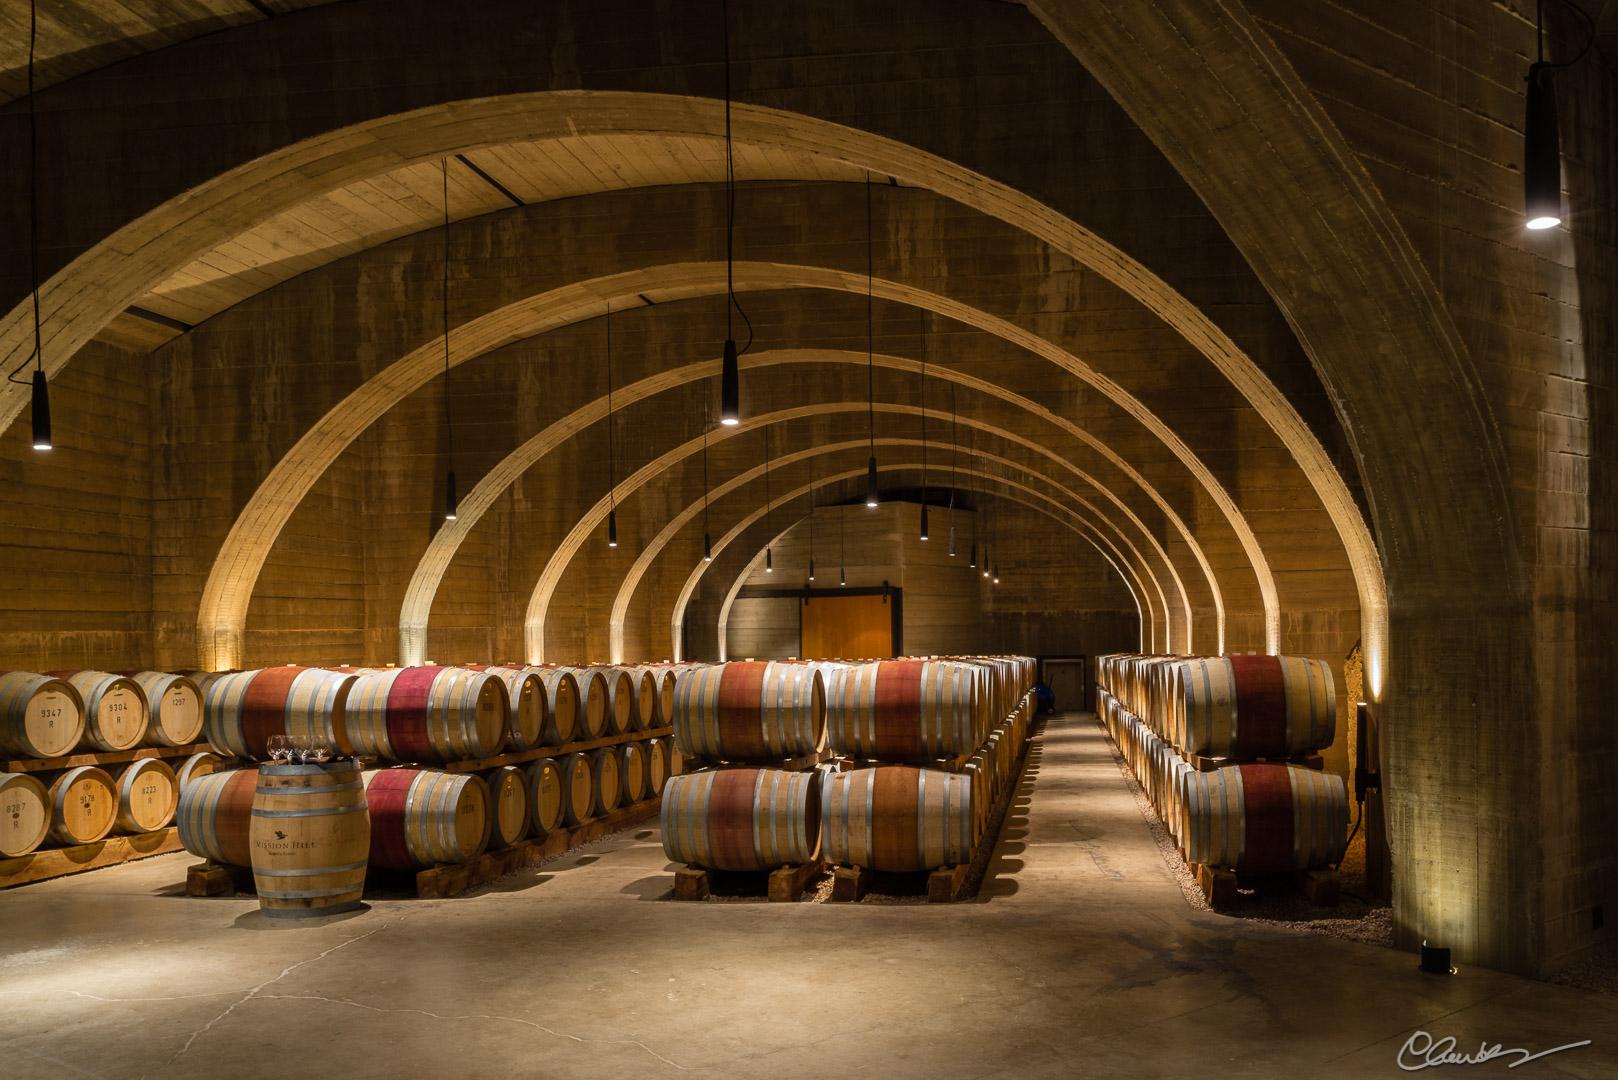 Le cellier du vignoble Mission Hill / Mission Hill Cellar